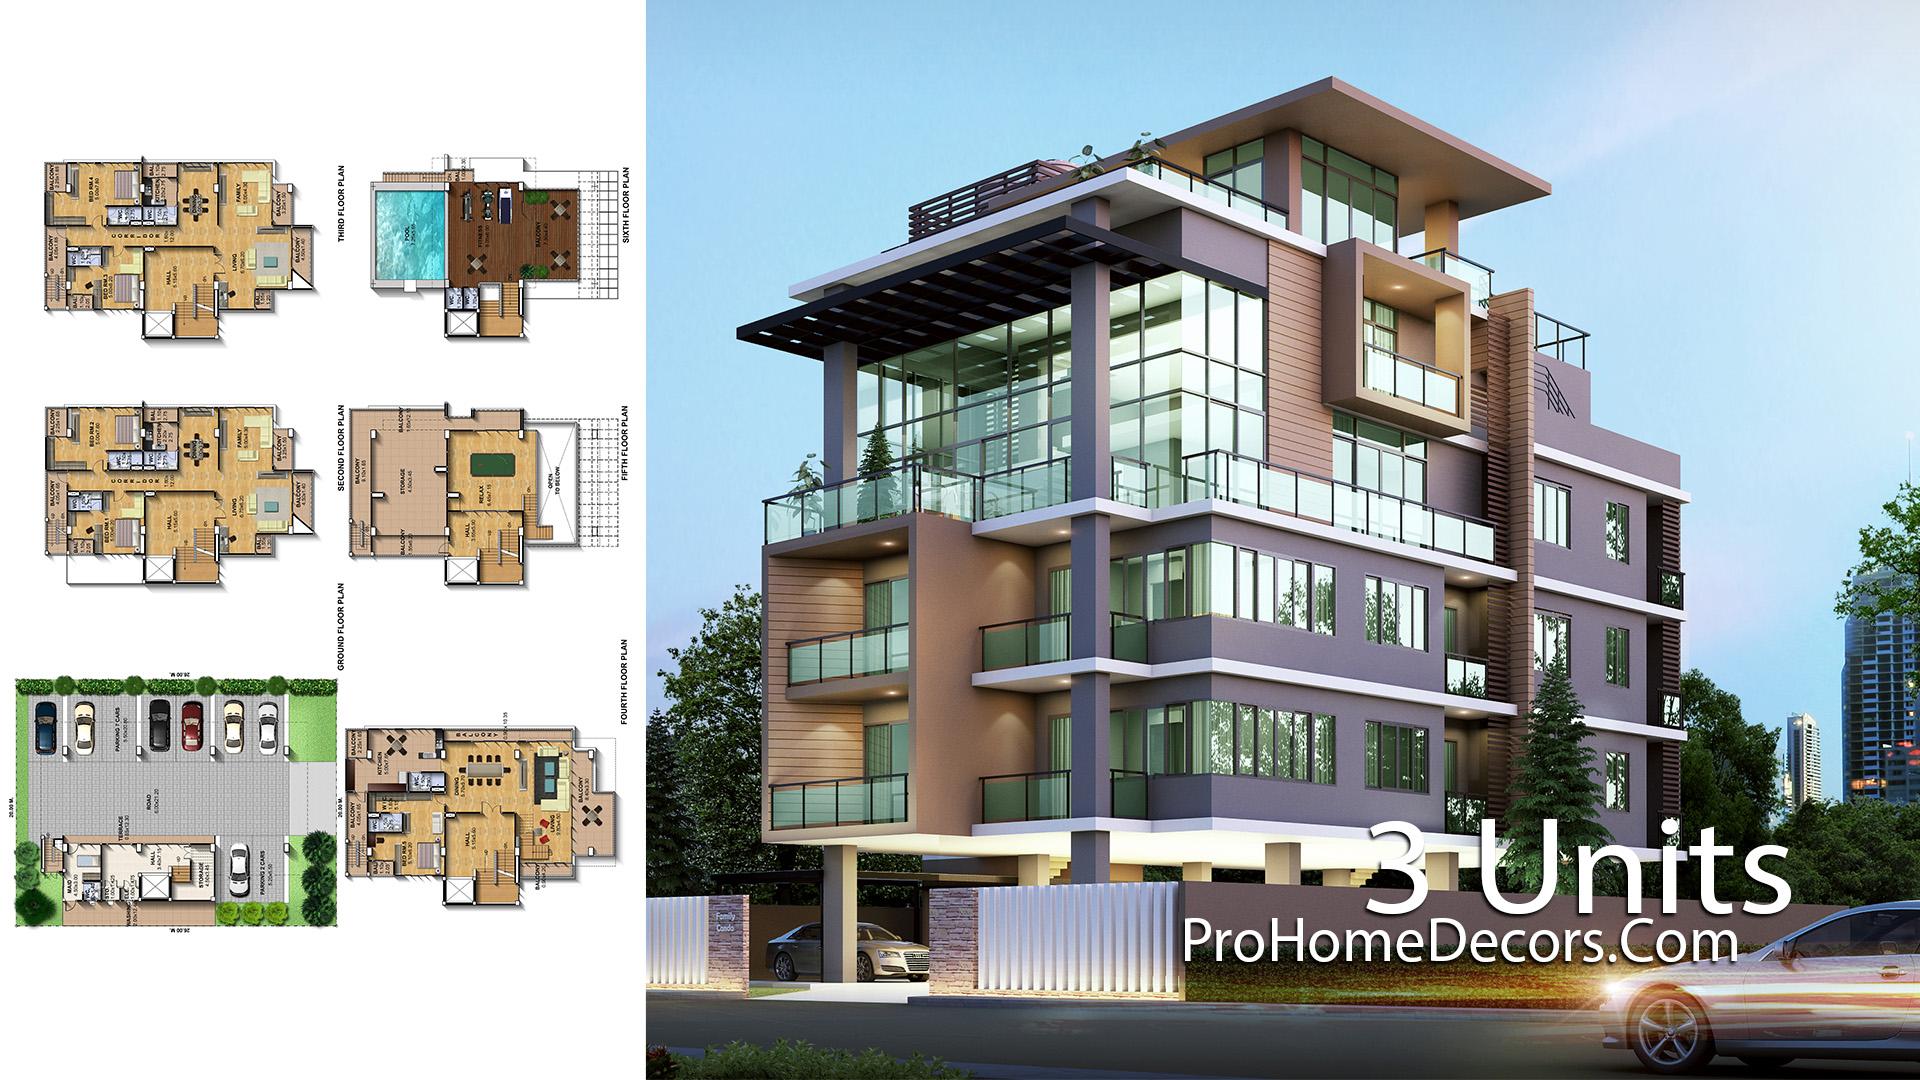 Apartmen Plan Plot 20x24 Meter with 3 Units